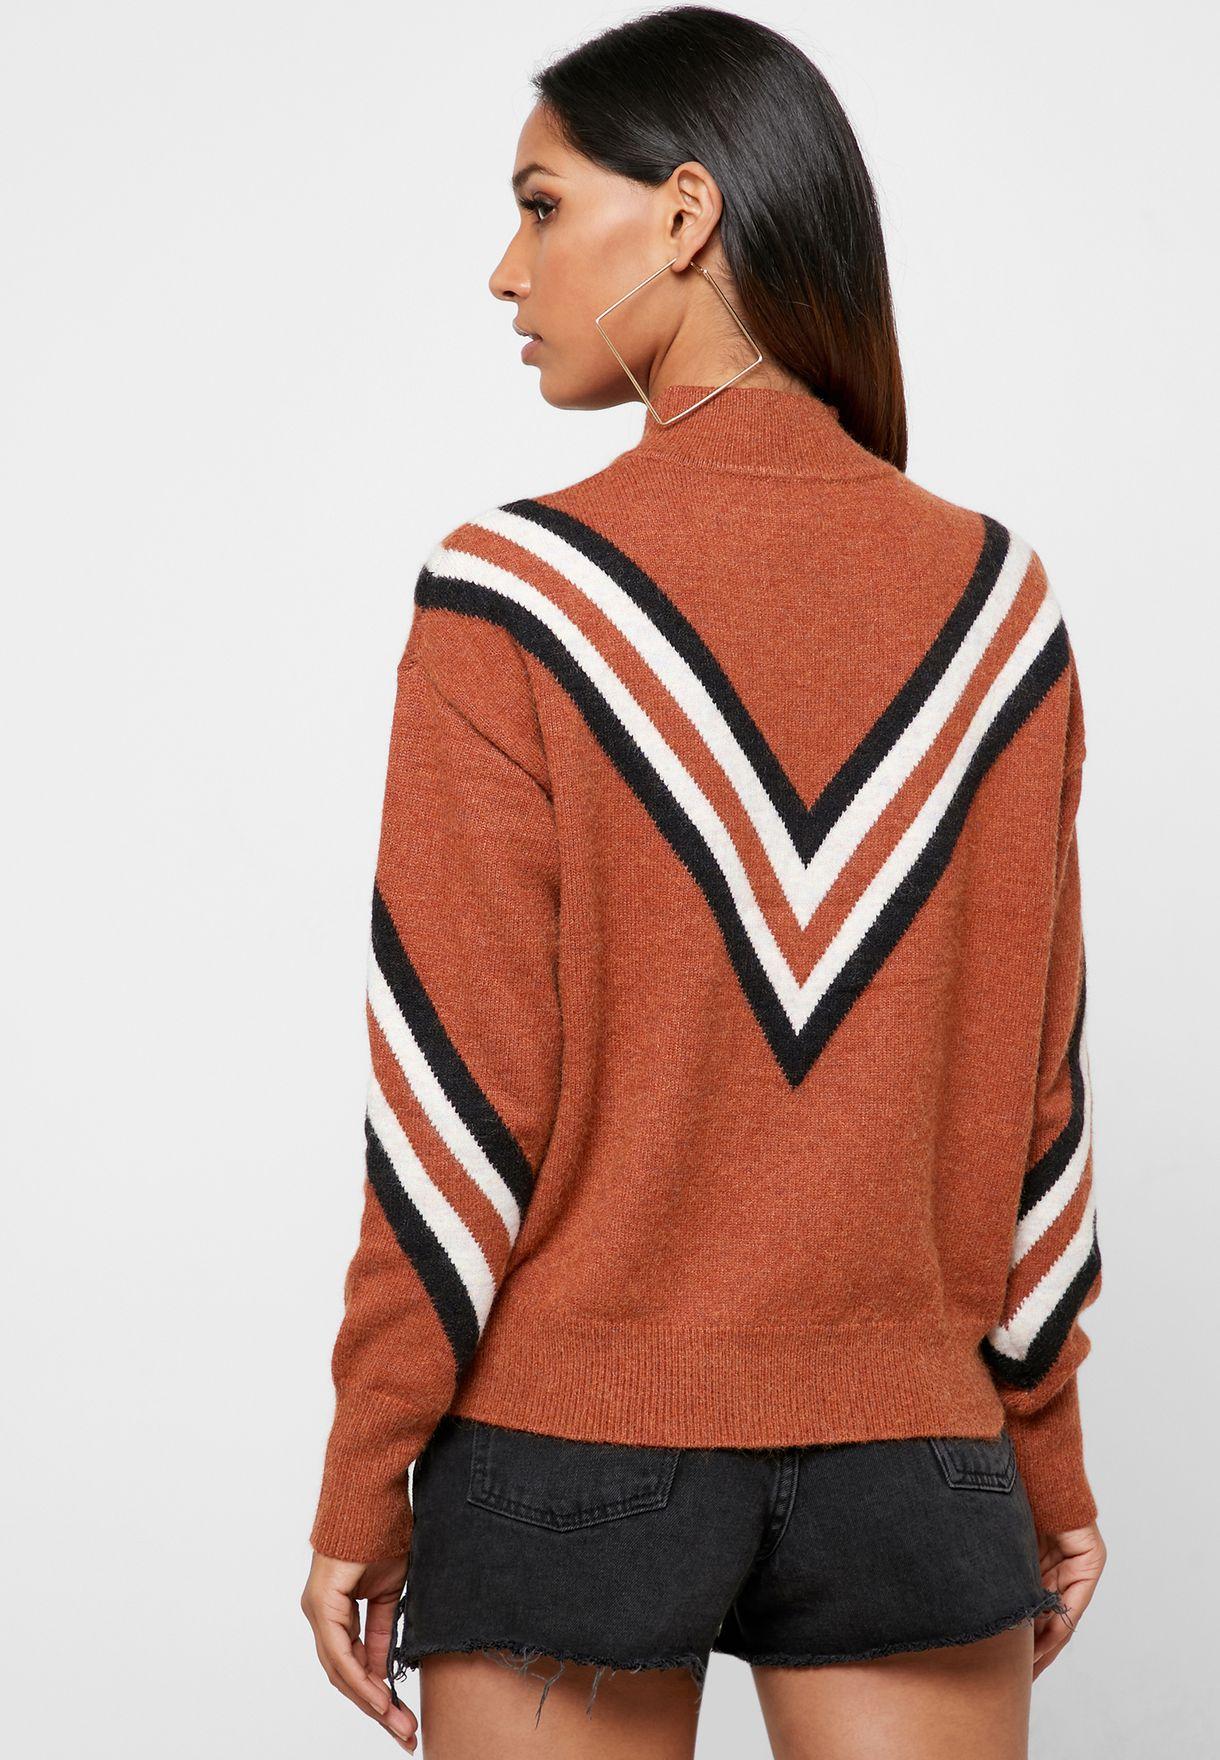 Chevron Colourblock Sweater